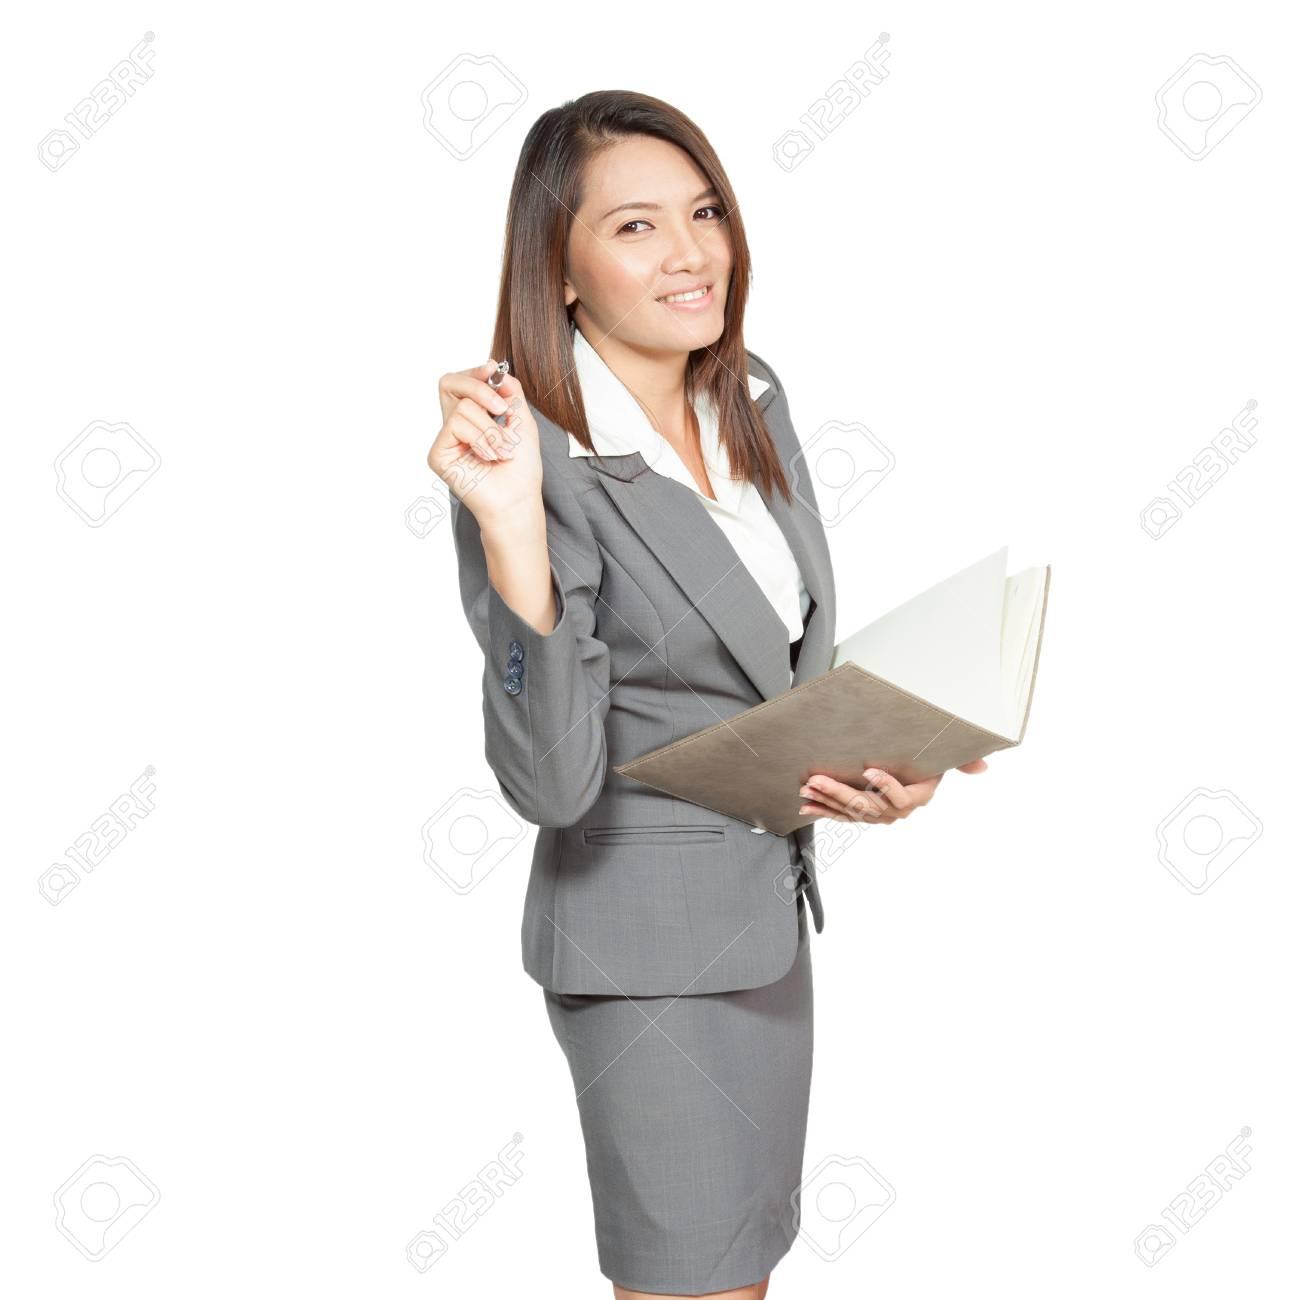 Sourire Heureux Joyeuse Jolie Jeune Femme D Affaires Ecrit Ou Un Dessin Sur L Ecran Avec Un Marqueur Noir Isole Sur Fond Blanc